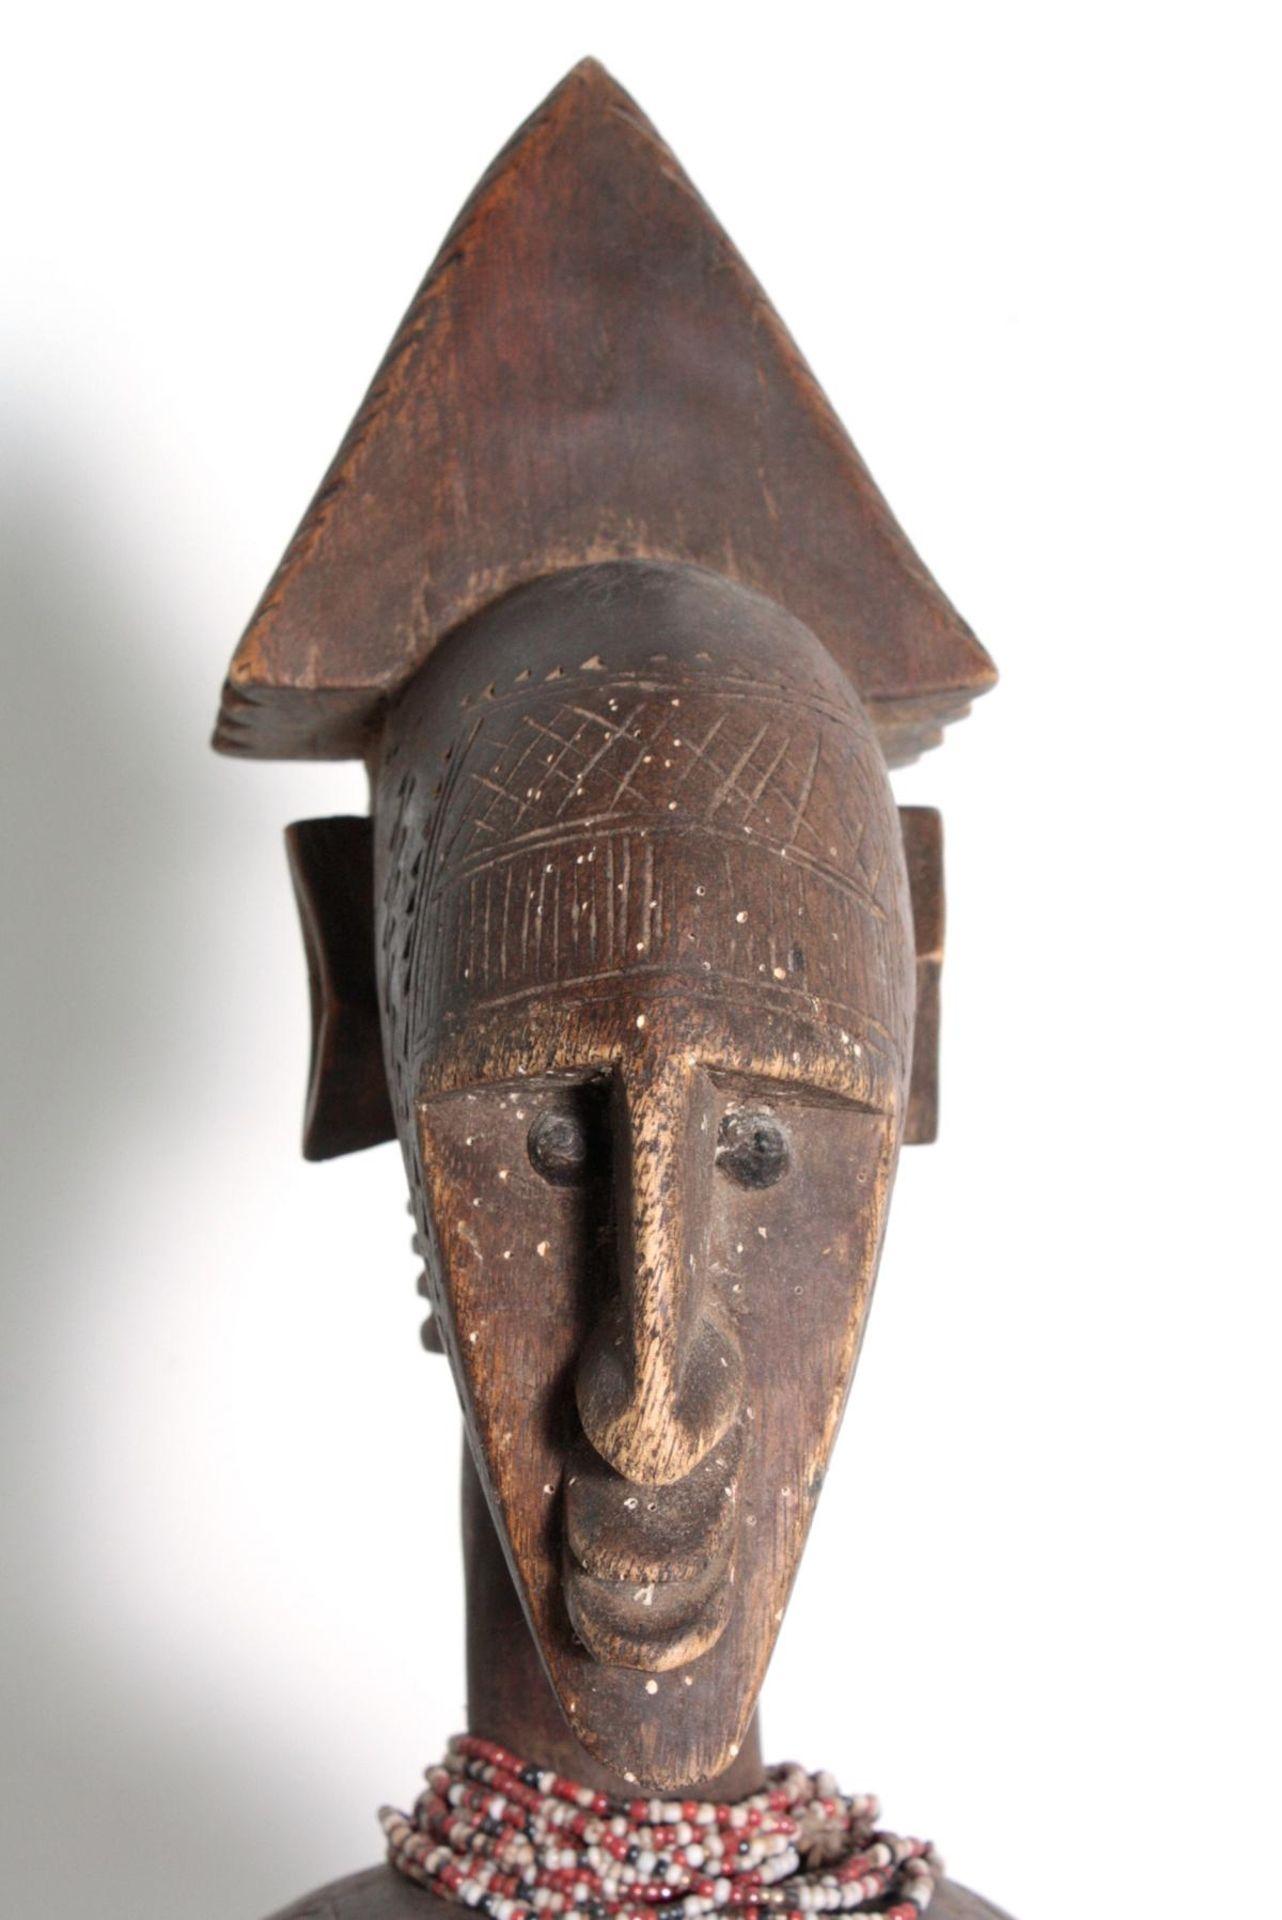 Bambara/Mali, sitzende weibliche Figur, 1. Hälfte 20. Jh.Holz, dunkelbraune Patina, sitzende Frau - Bild 2 aus 5